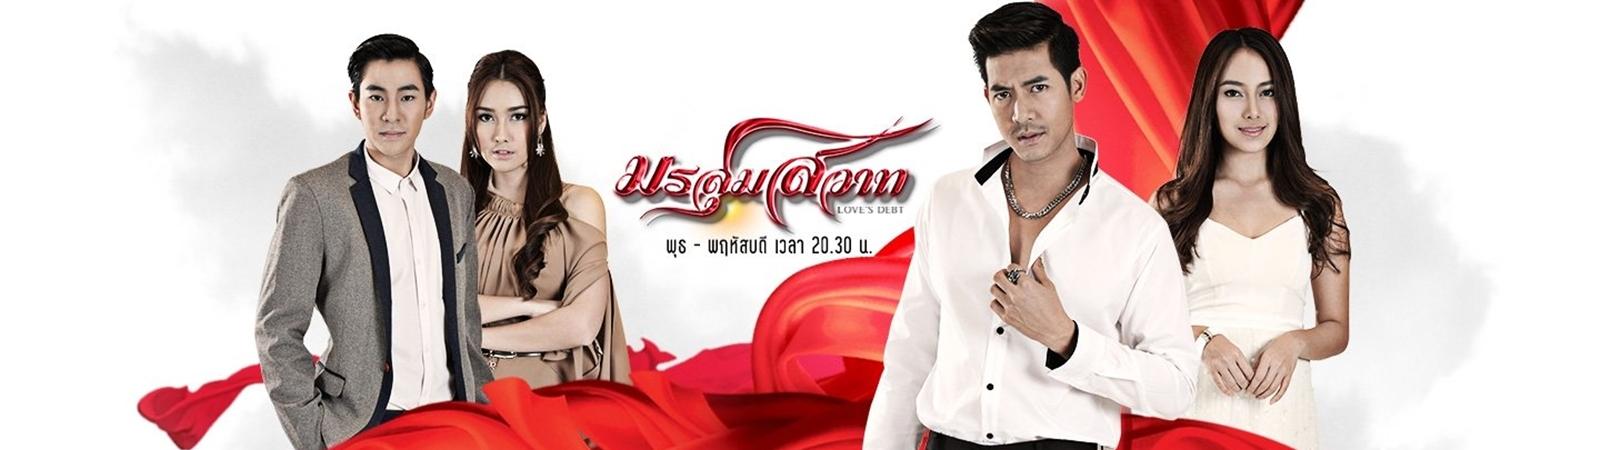 Phim Bão tố cuộc đời - Thái Lan